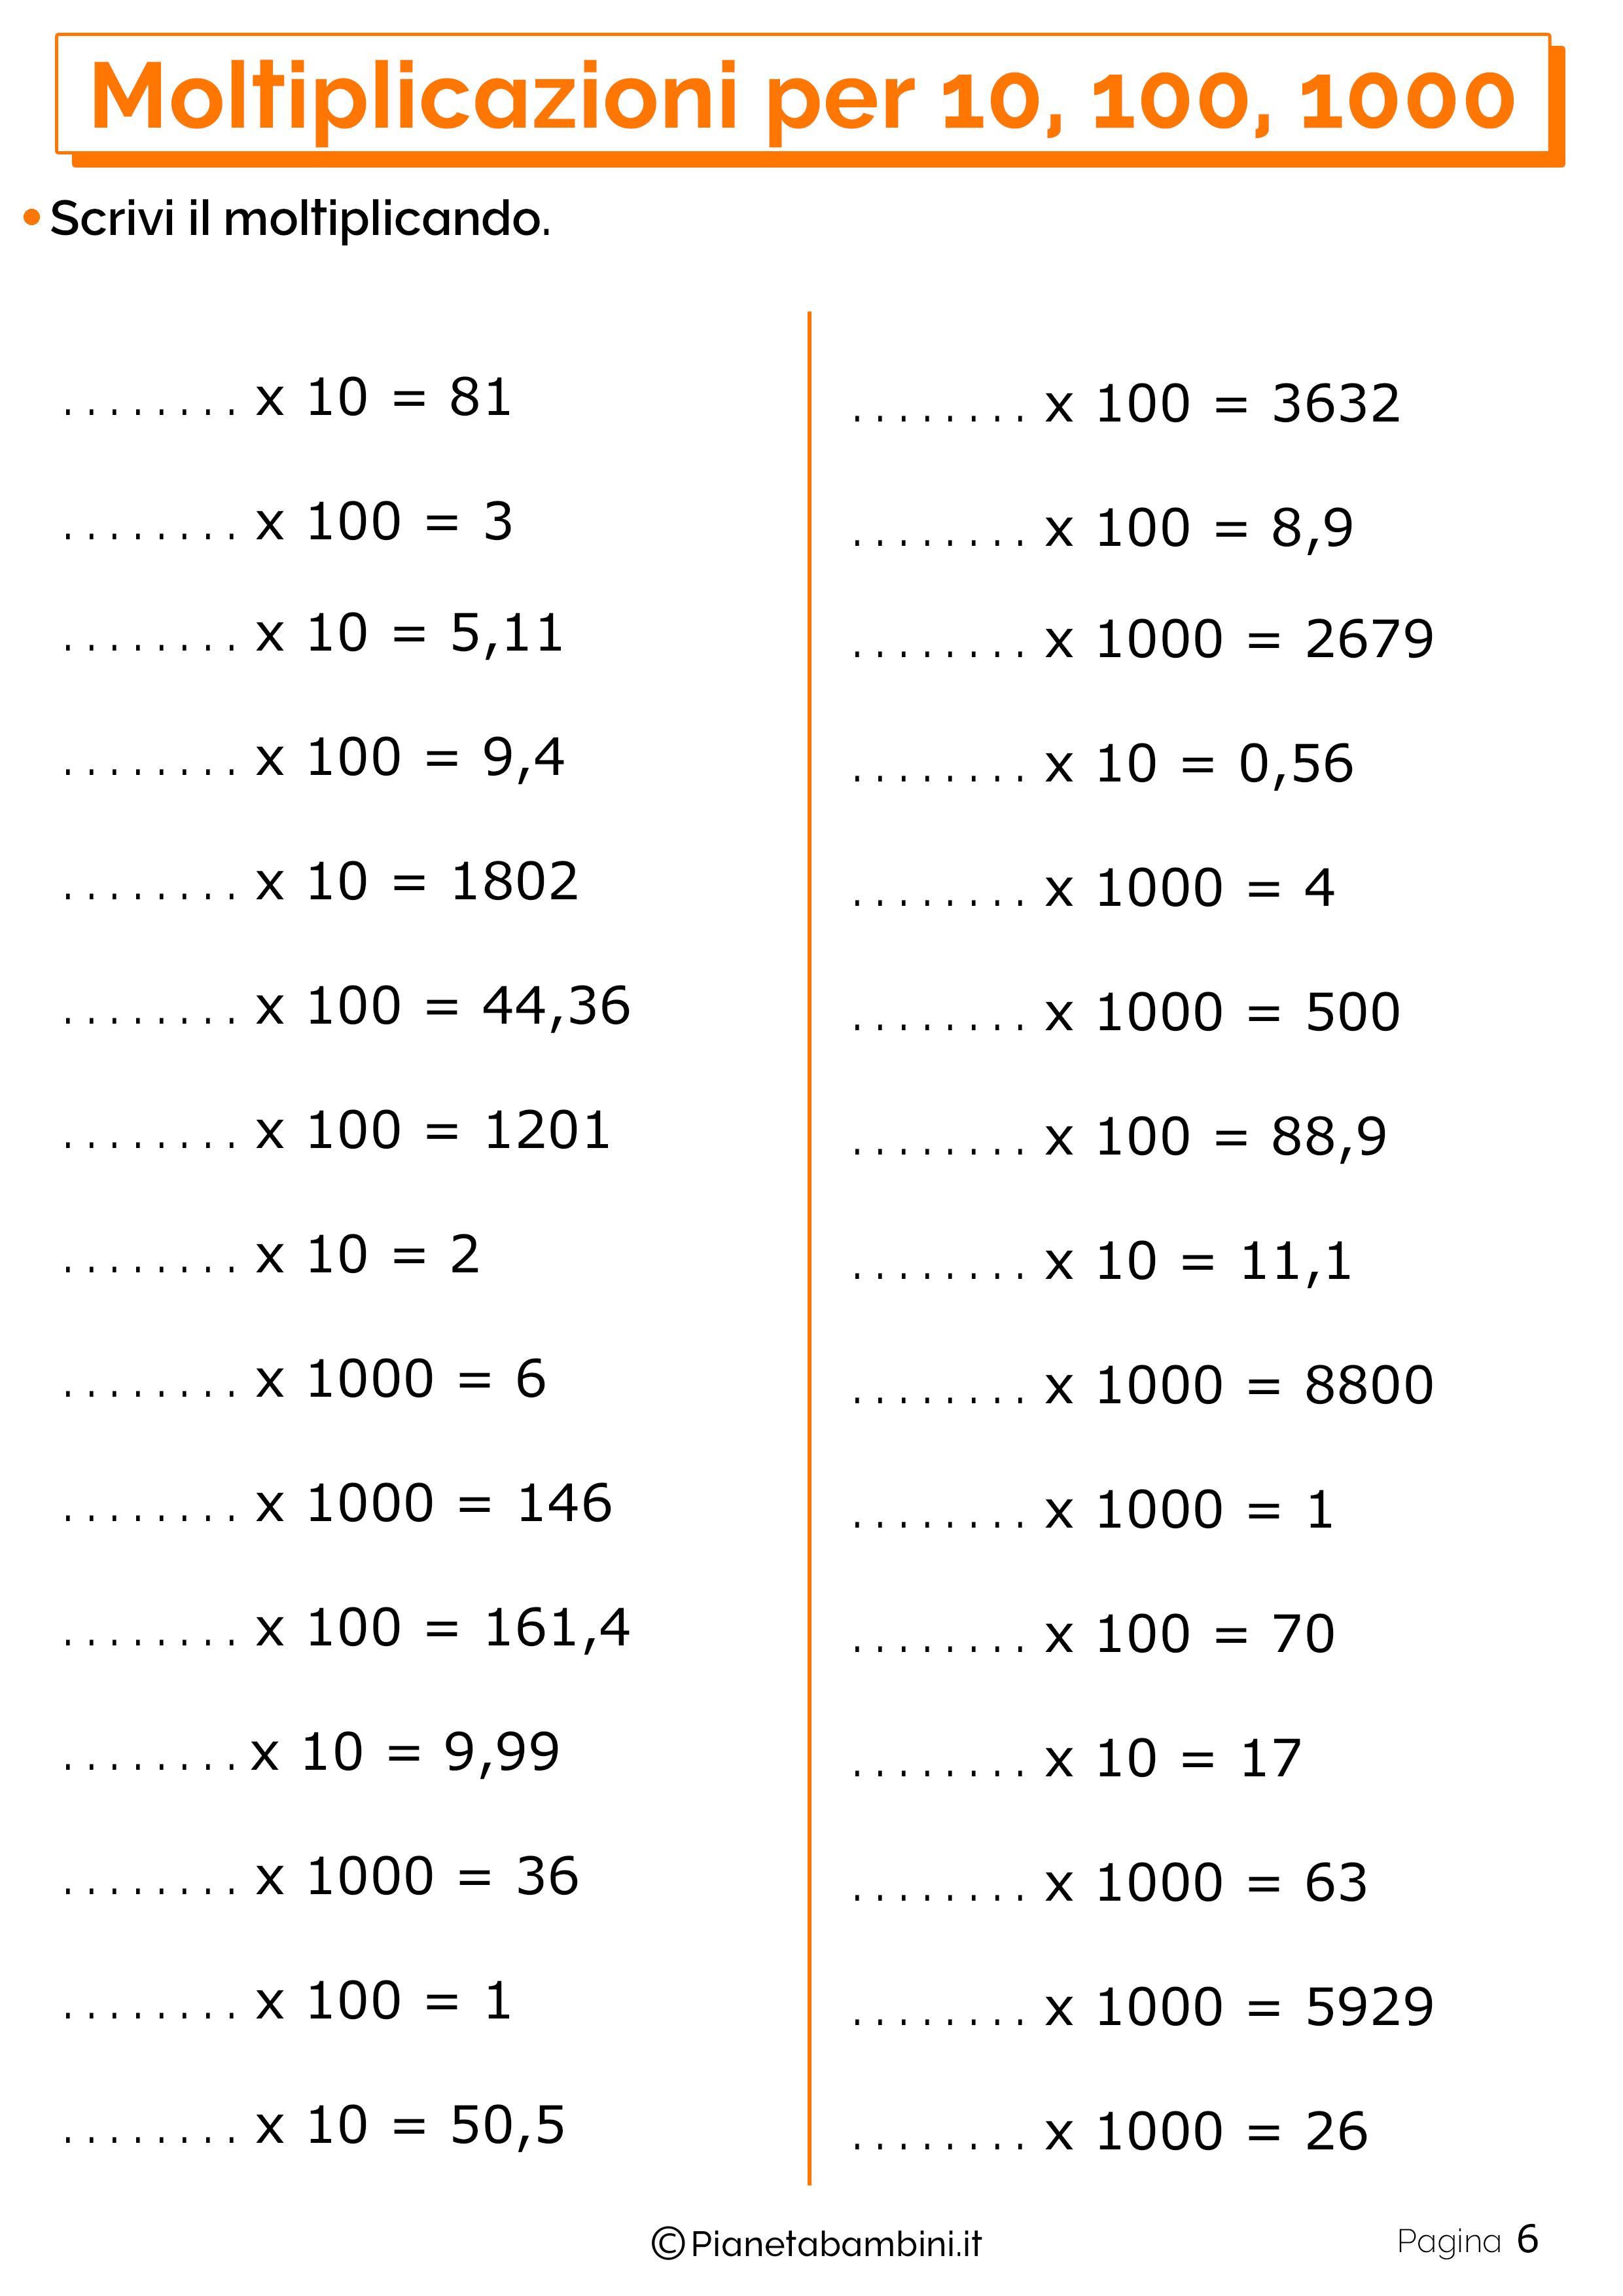 Schede didattiche moltiplicazioni 10 100 1000_6